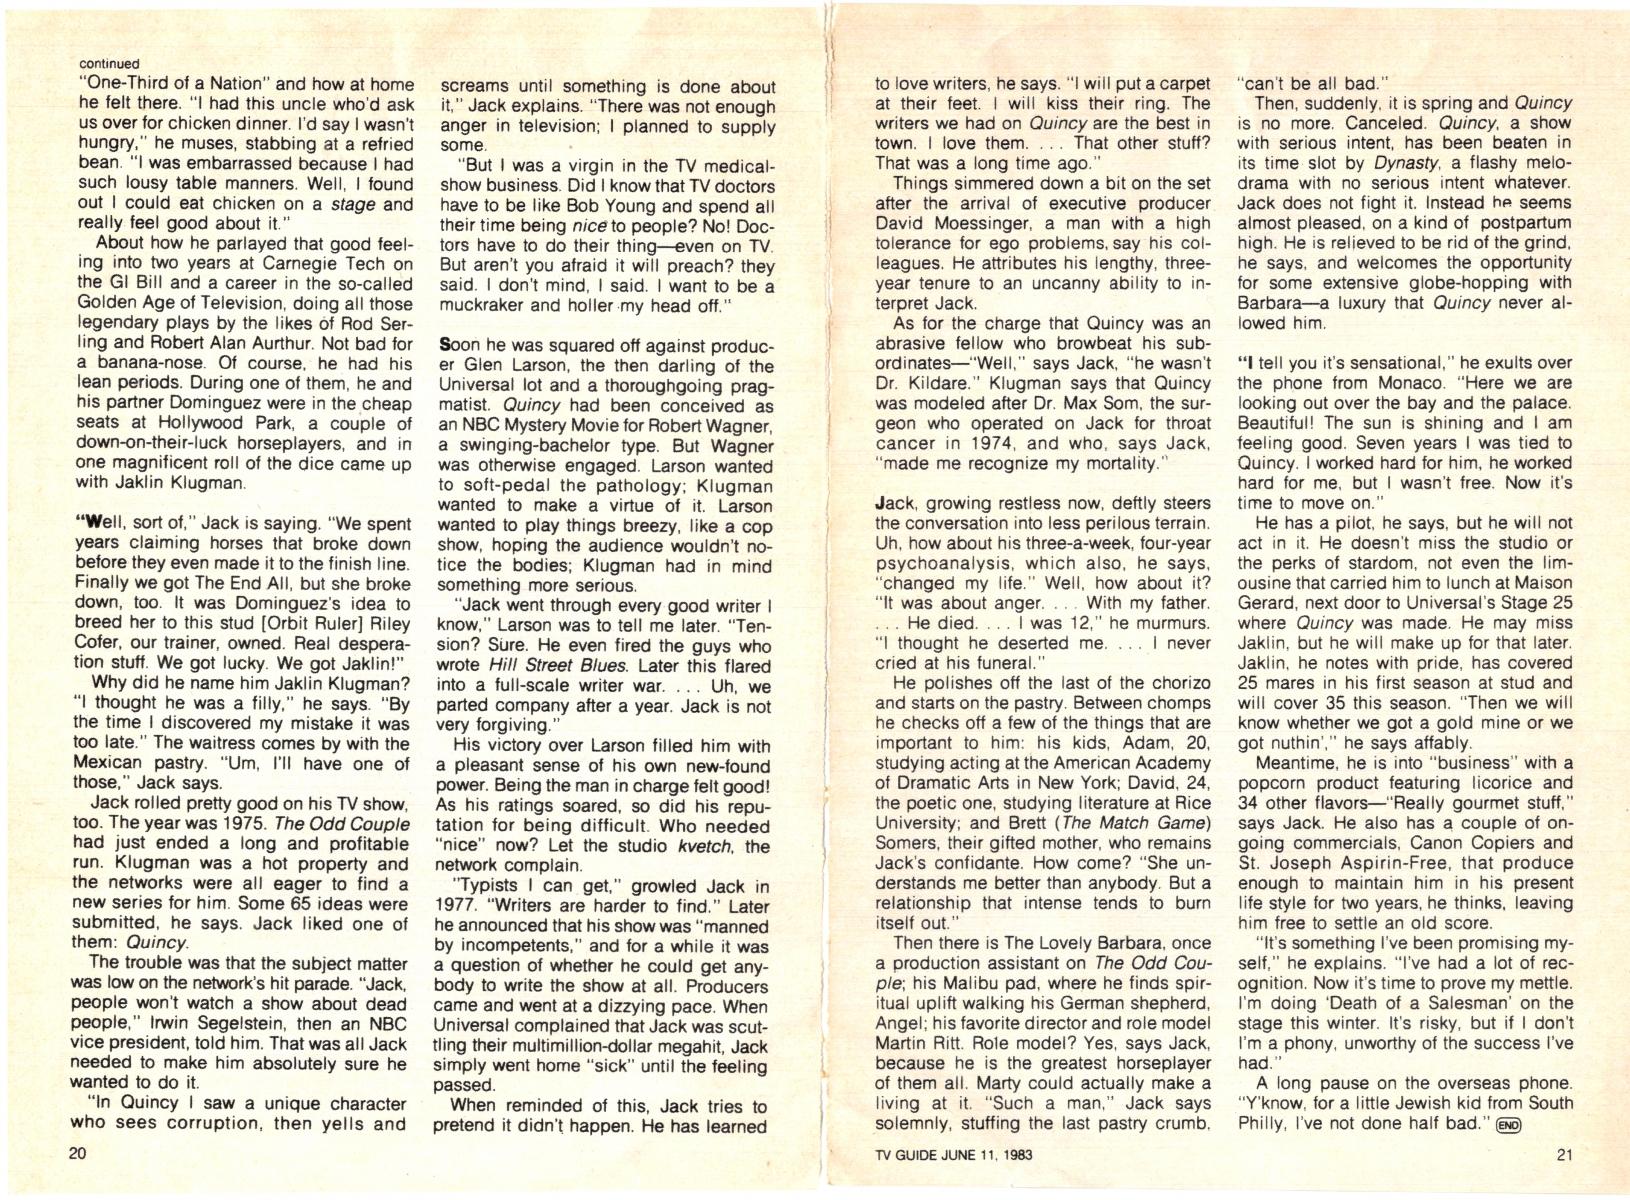 article1-part2